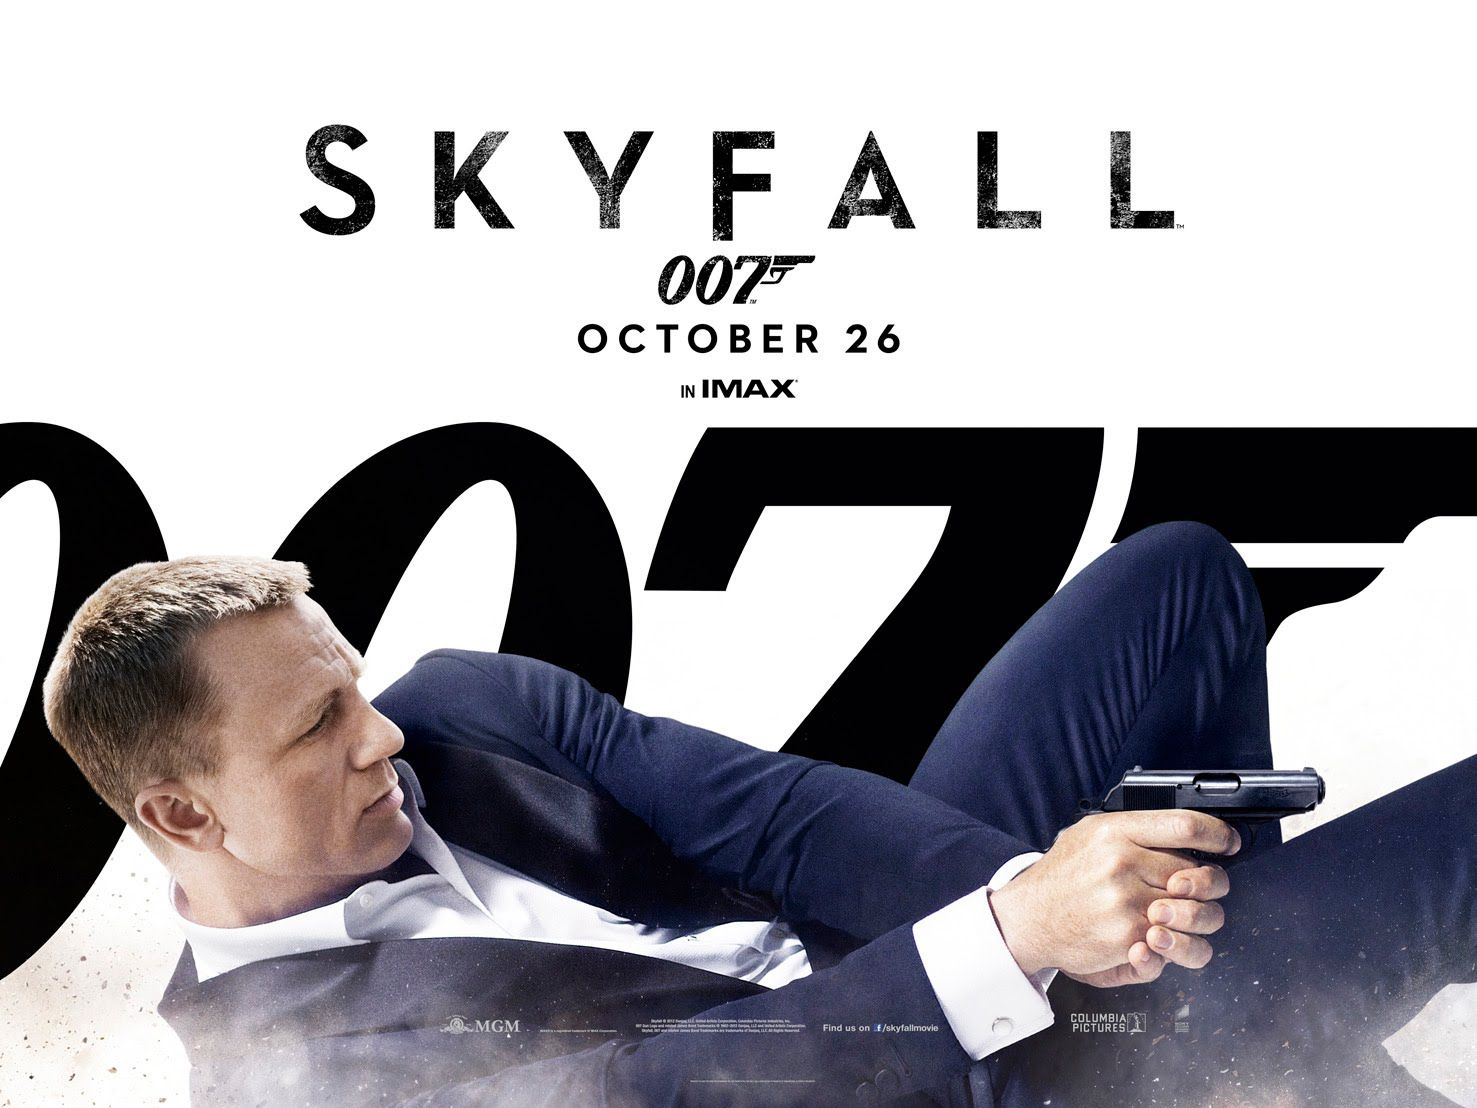 007 Skyfall 2012 Filme Completo Hd720p Dublado Com Imagens